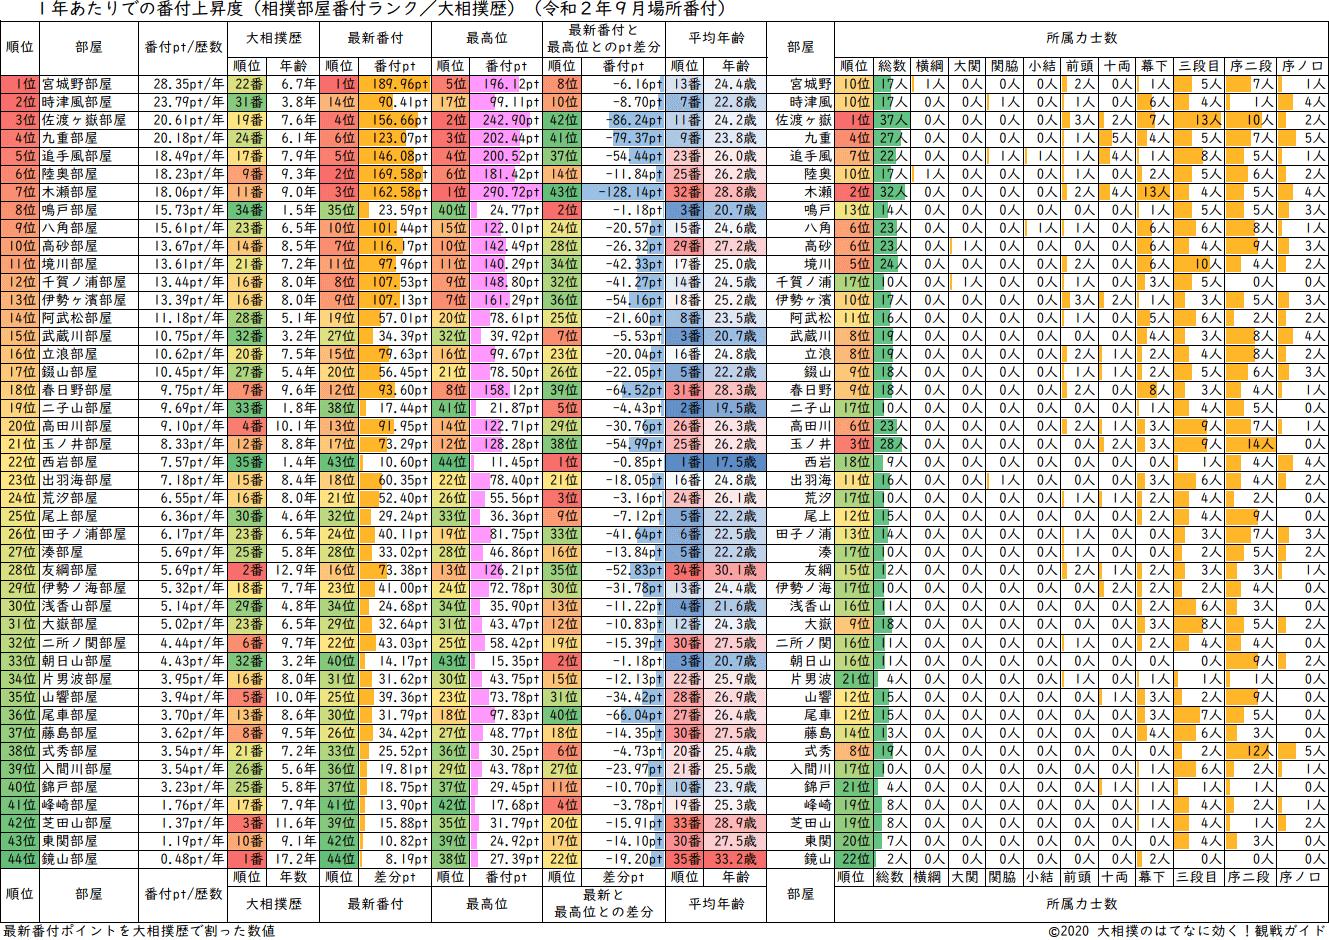 相撲部屋・年間あたりの番付上昇度ランキング